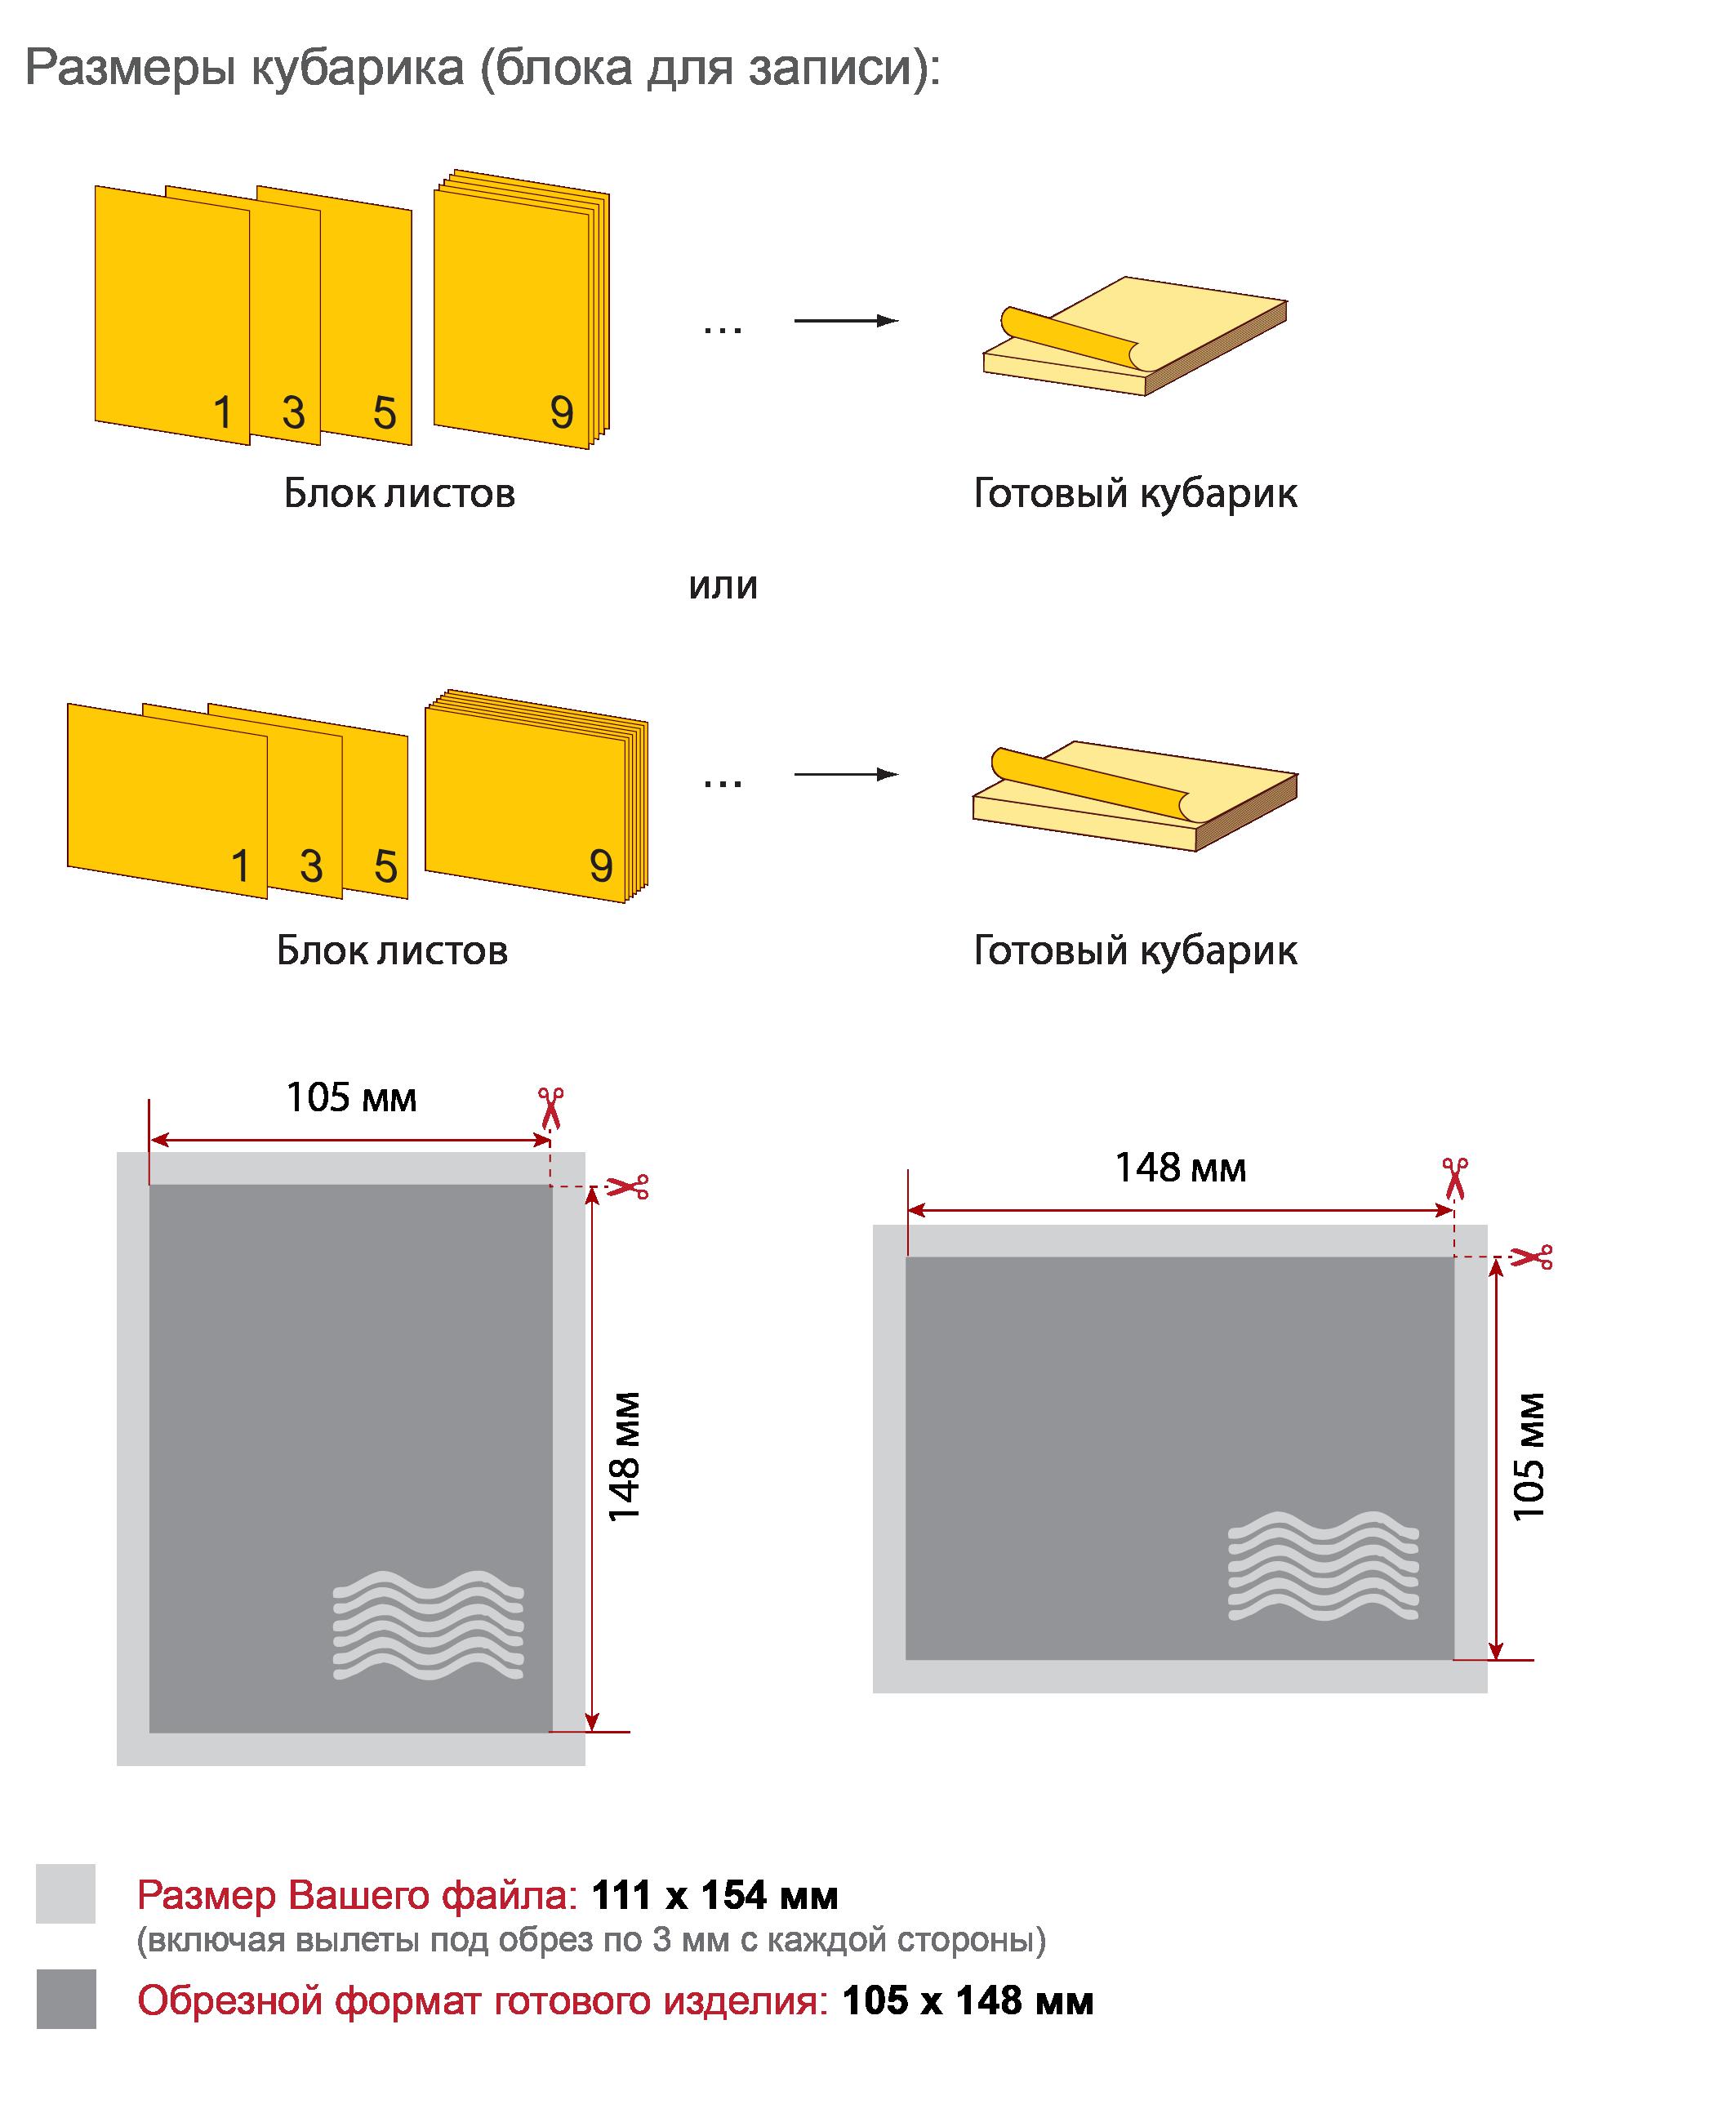 Схема Кубарик / Блок для записей